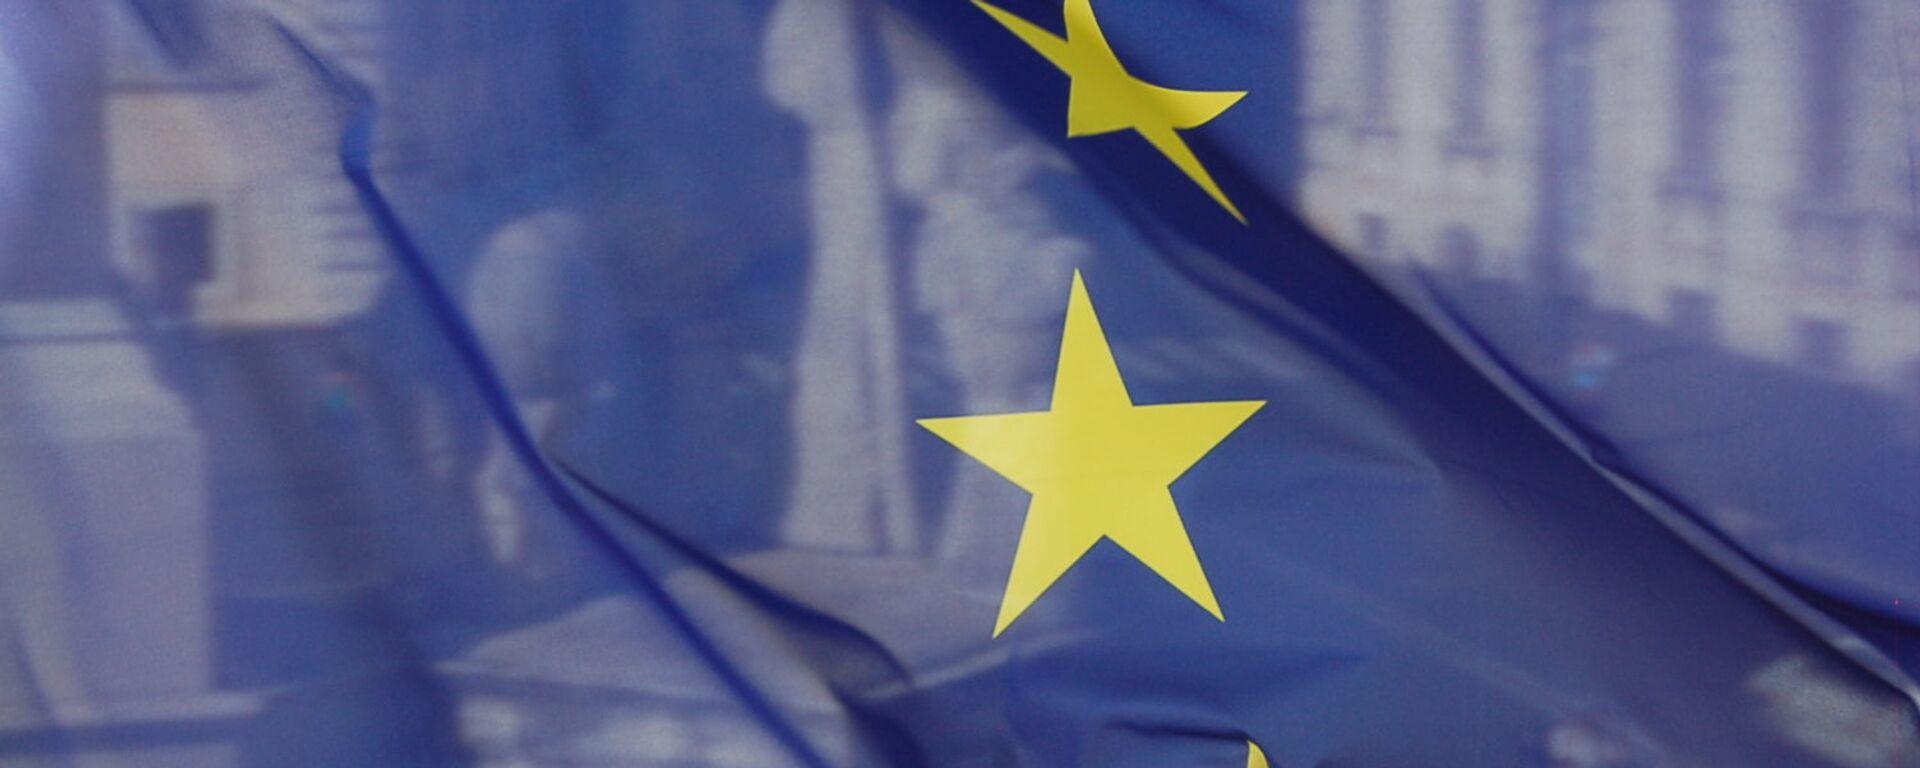 Bandera de la Unión Europea - Sputnik Mundo, 1920, 19.04.2021